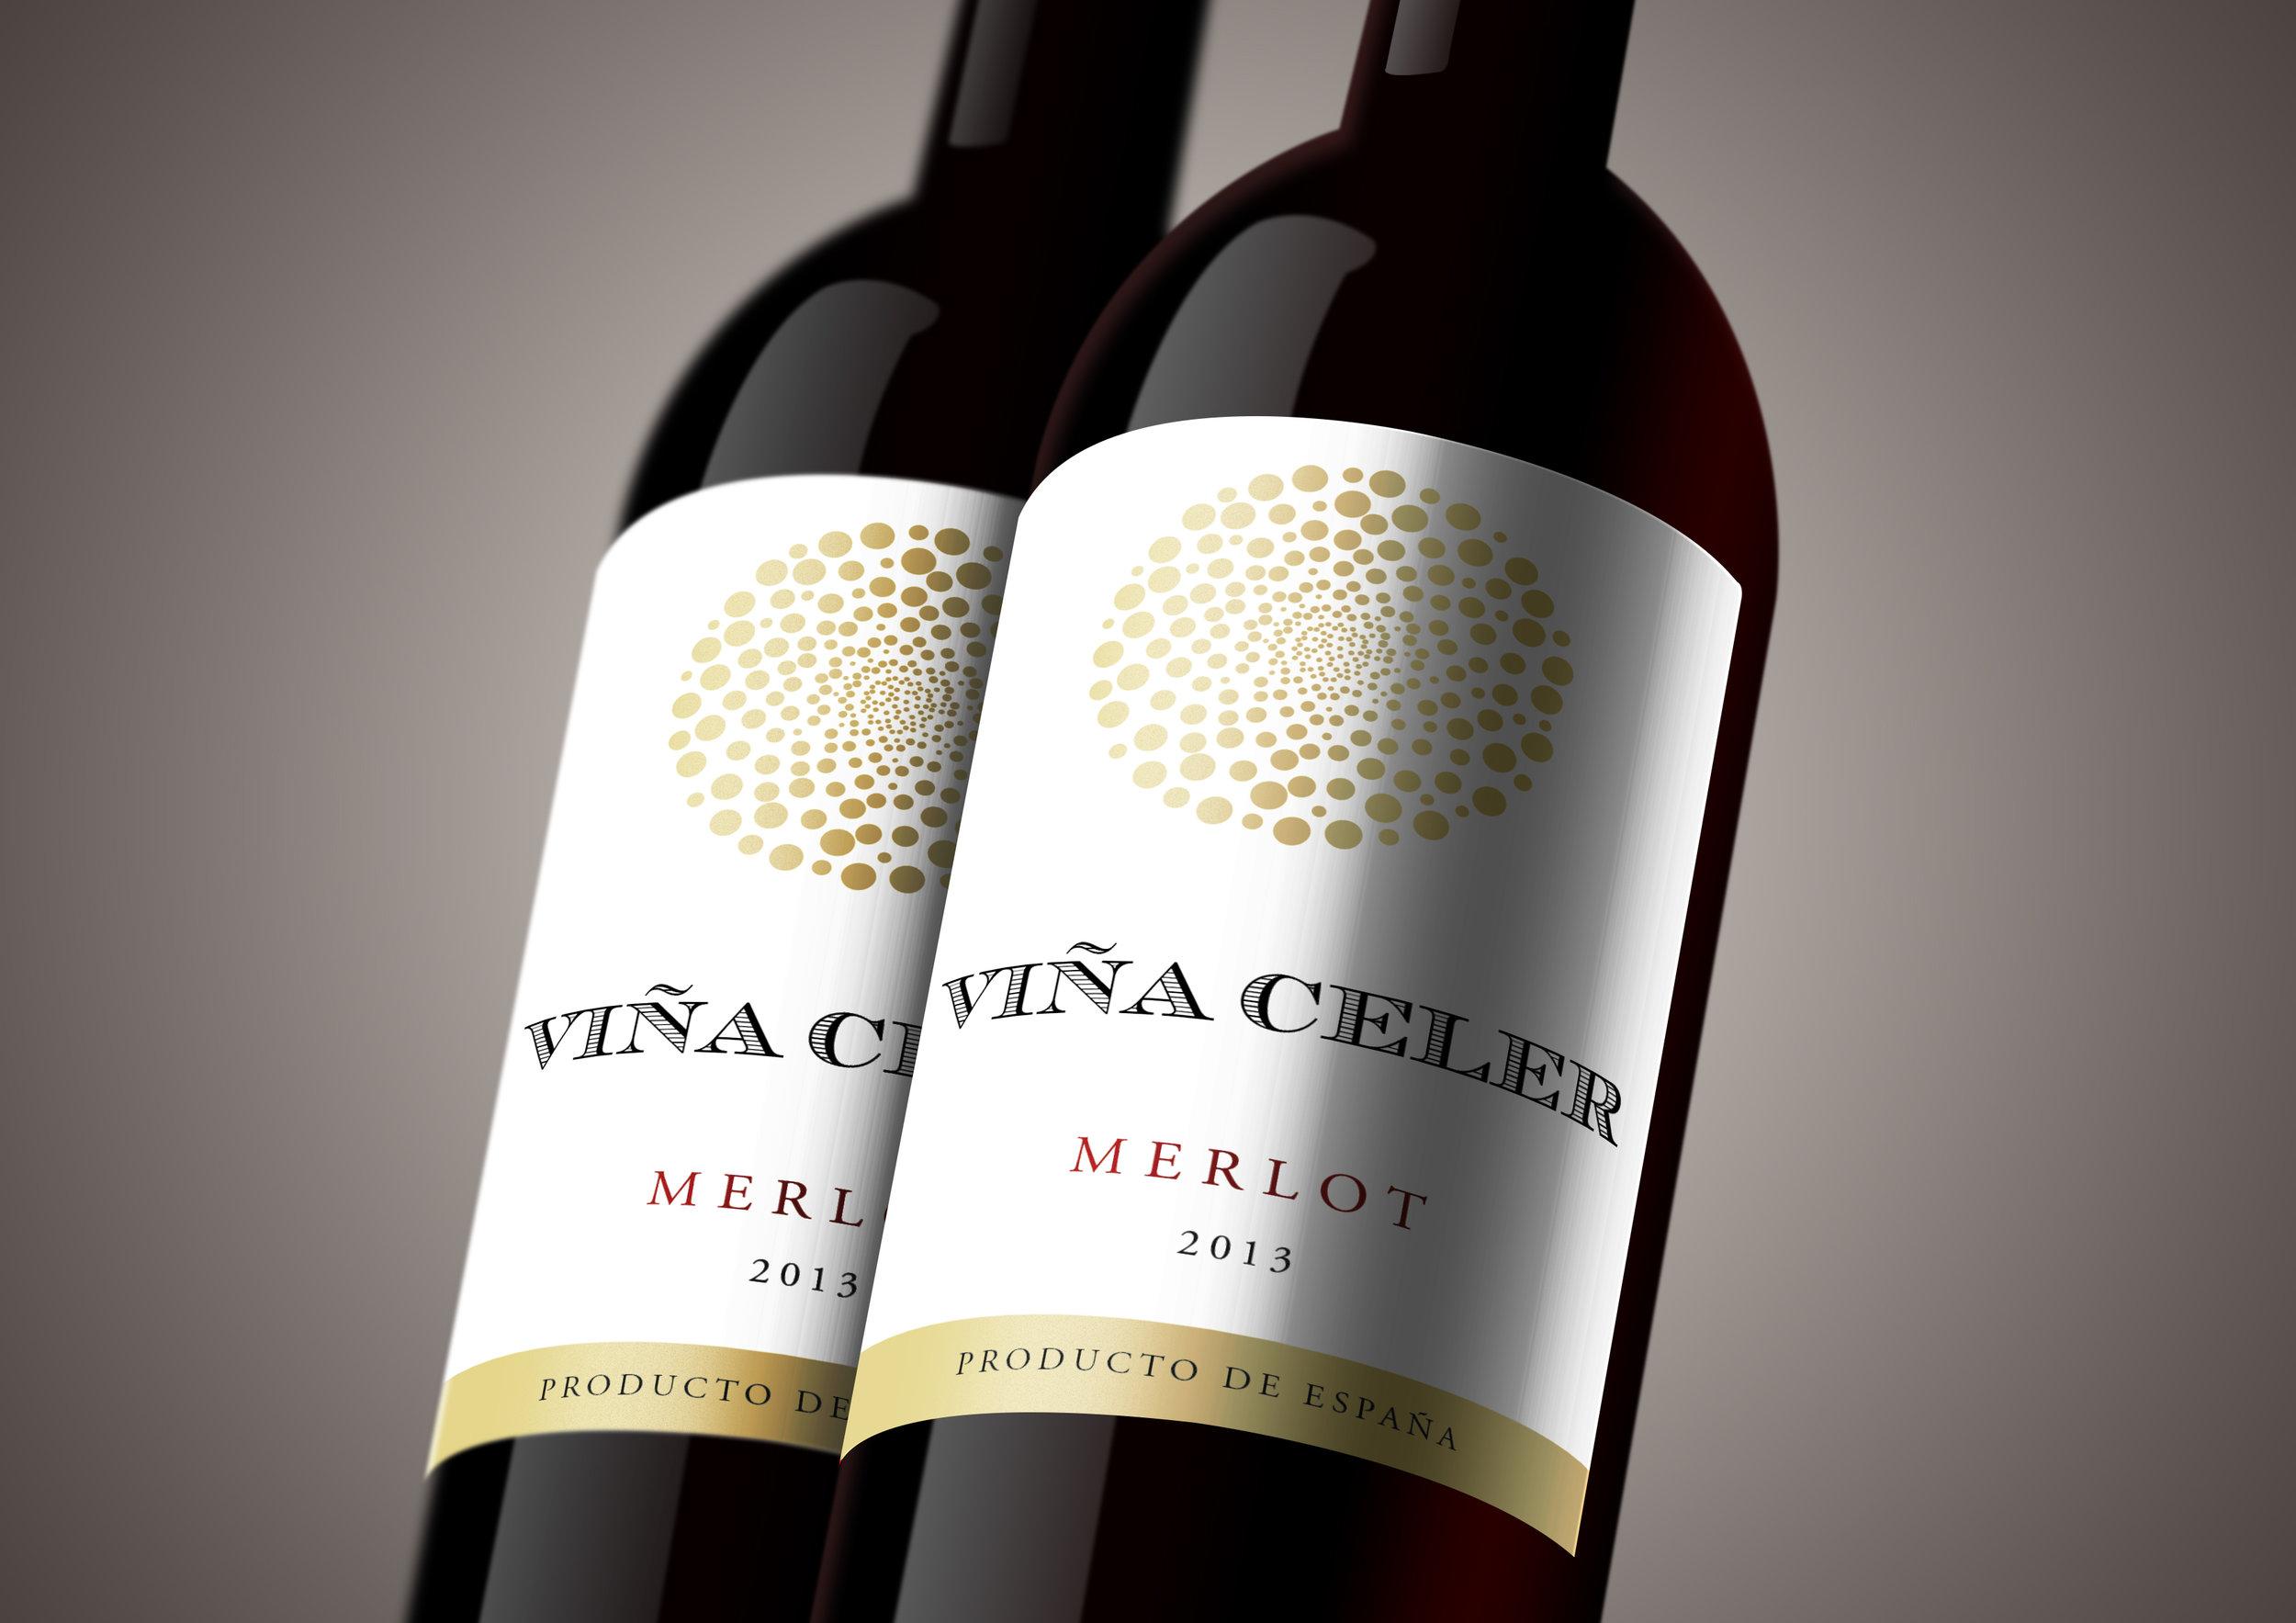 Vina Celer 2 bottle shot.jpg